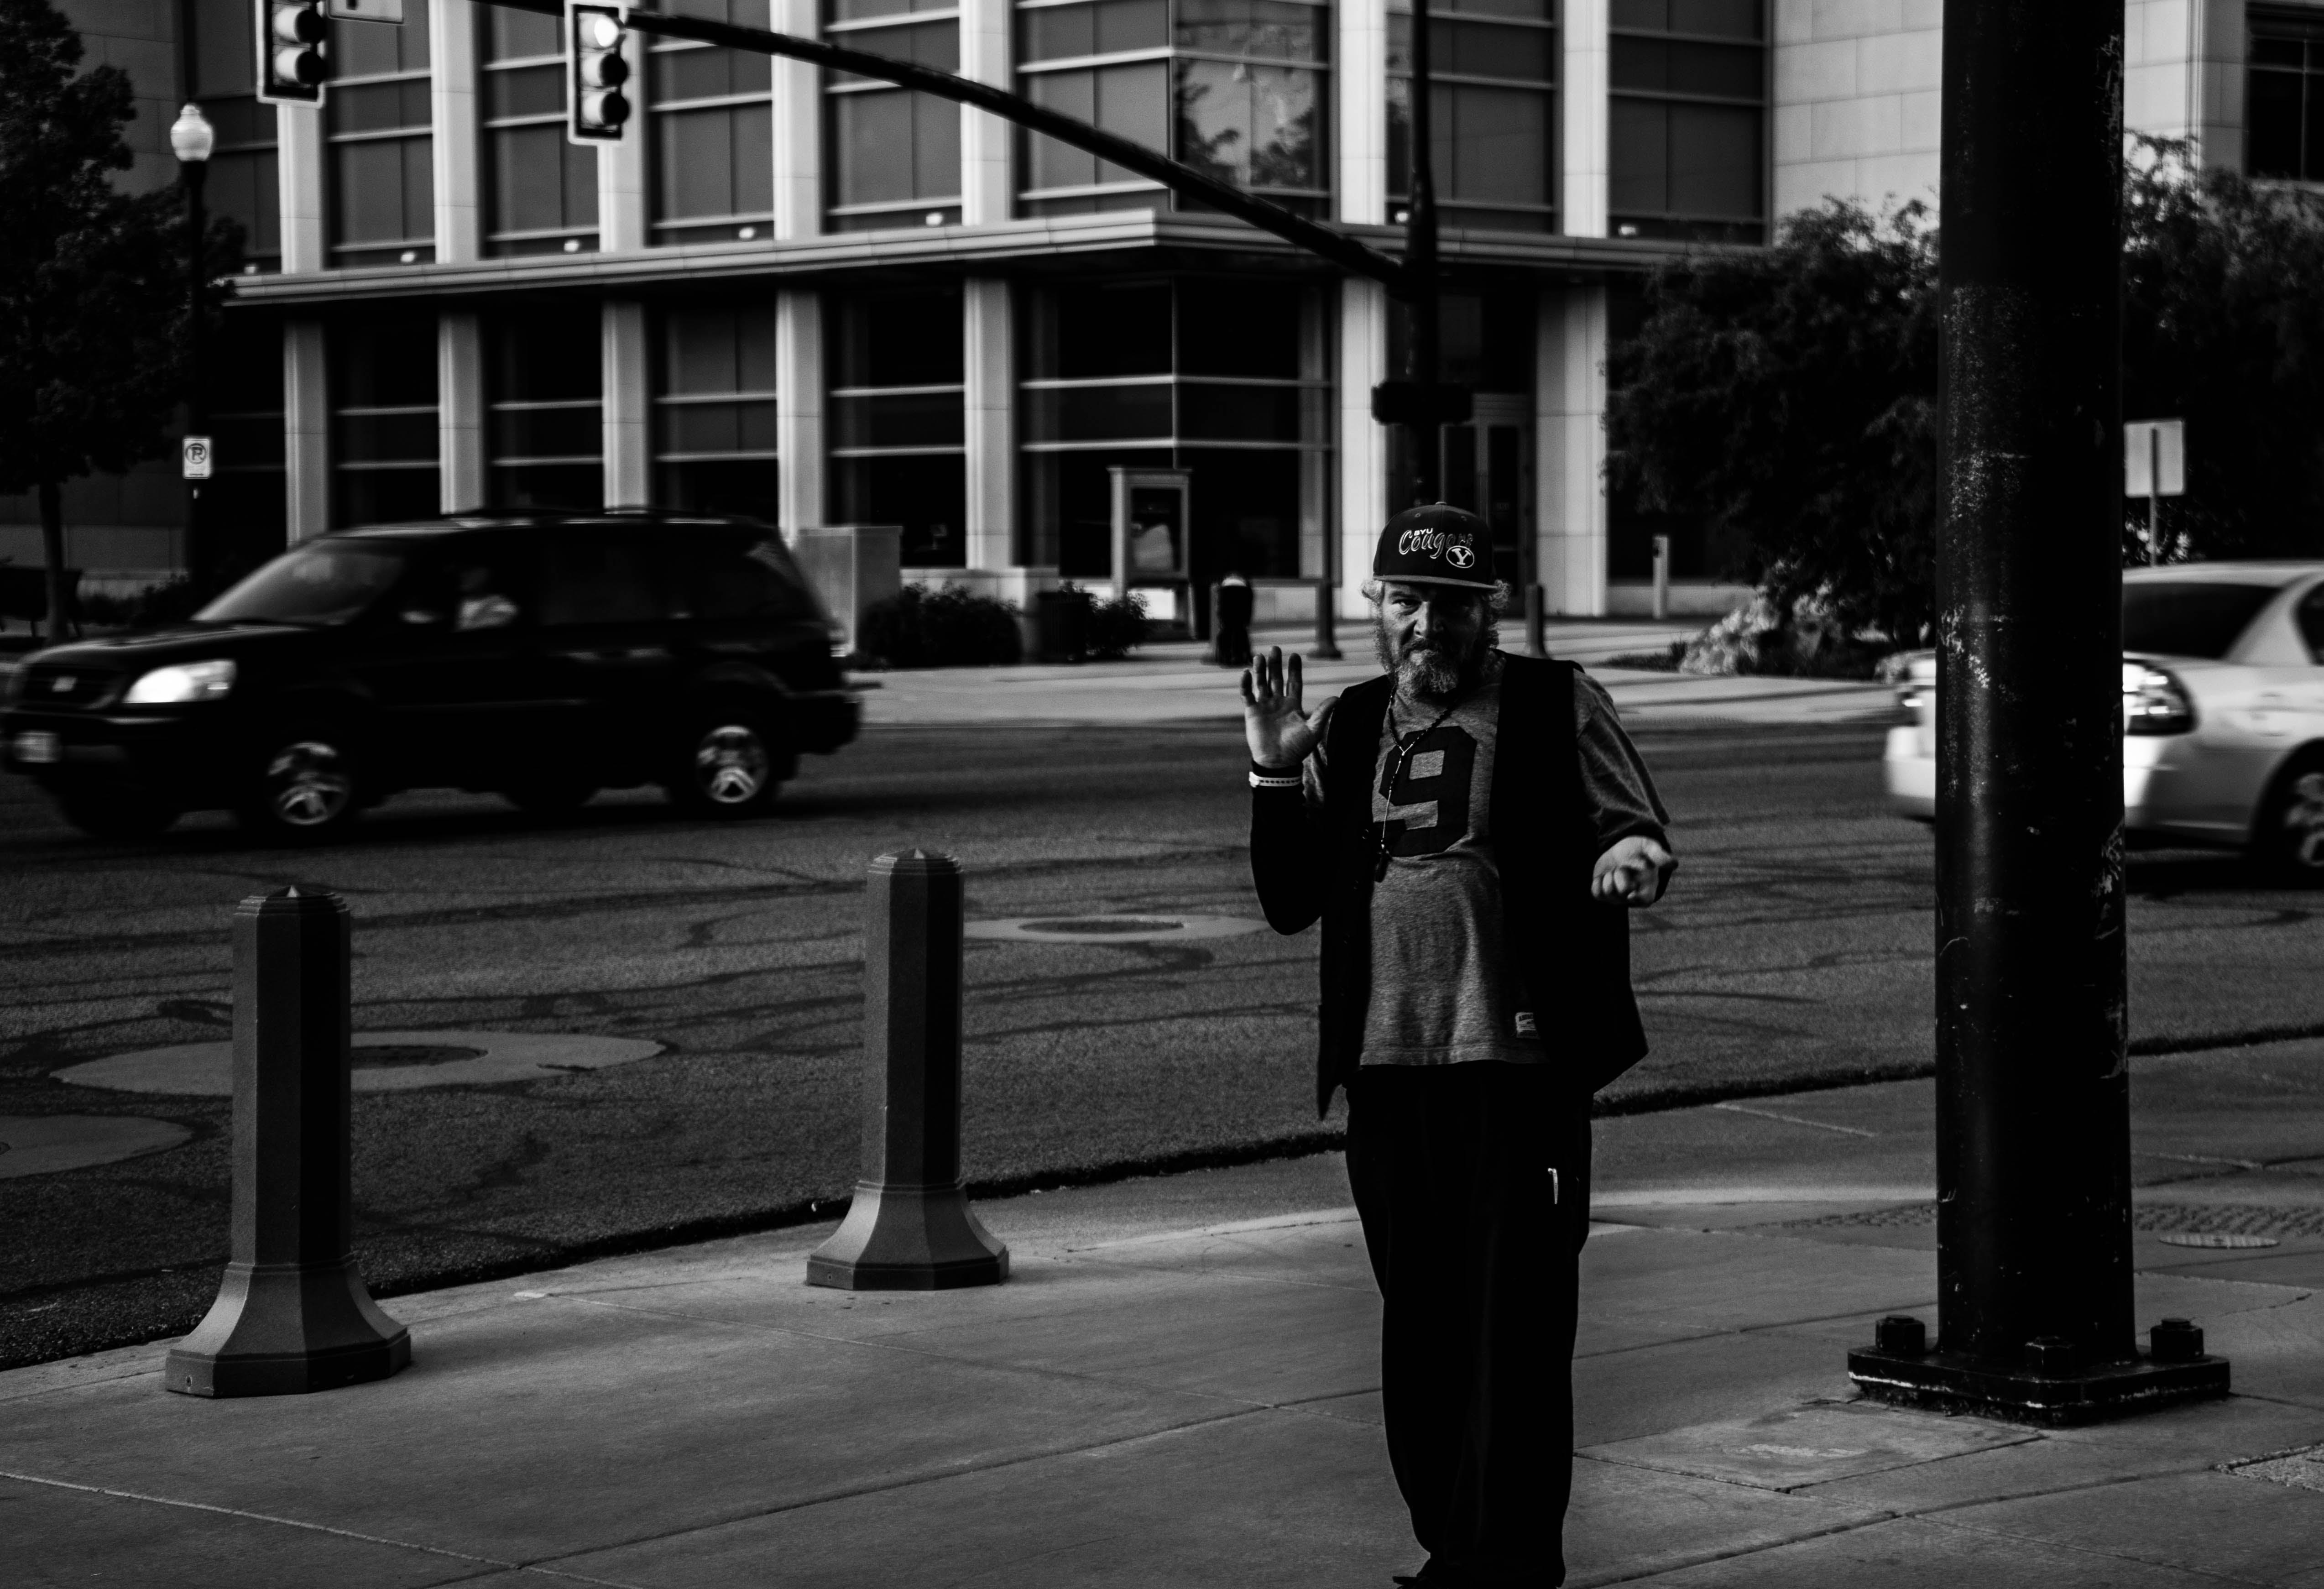 ホームレス, 通り, 都市写真の無料の写真素材